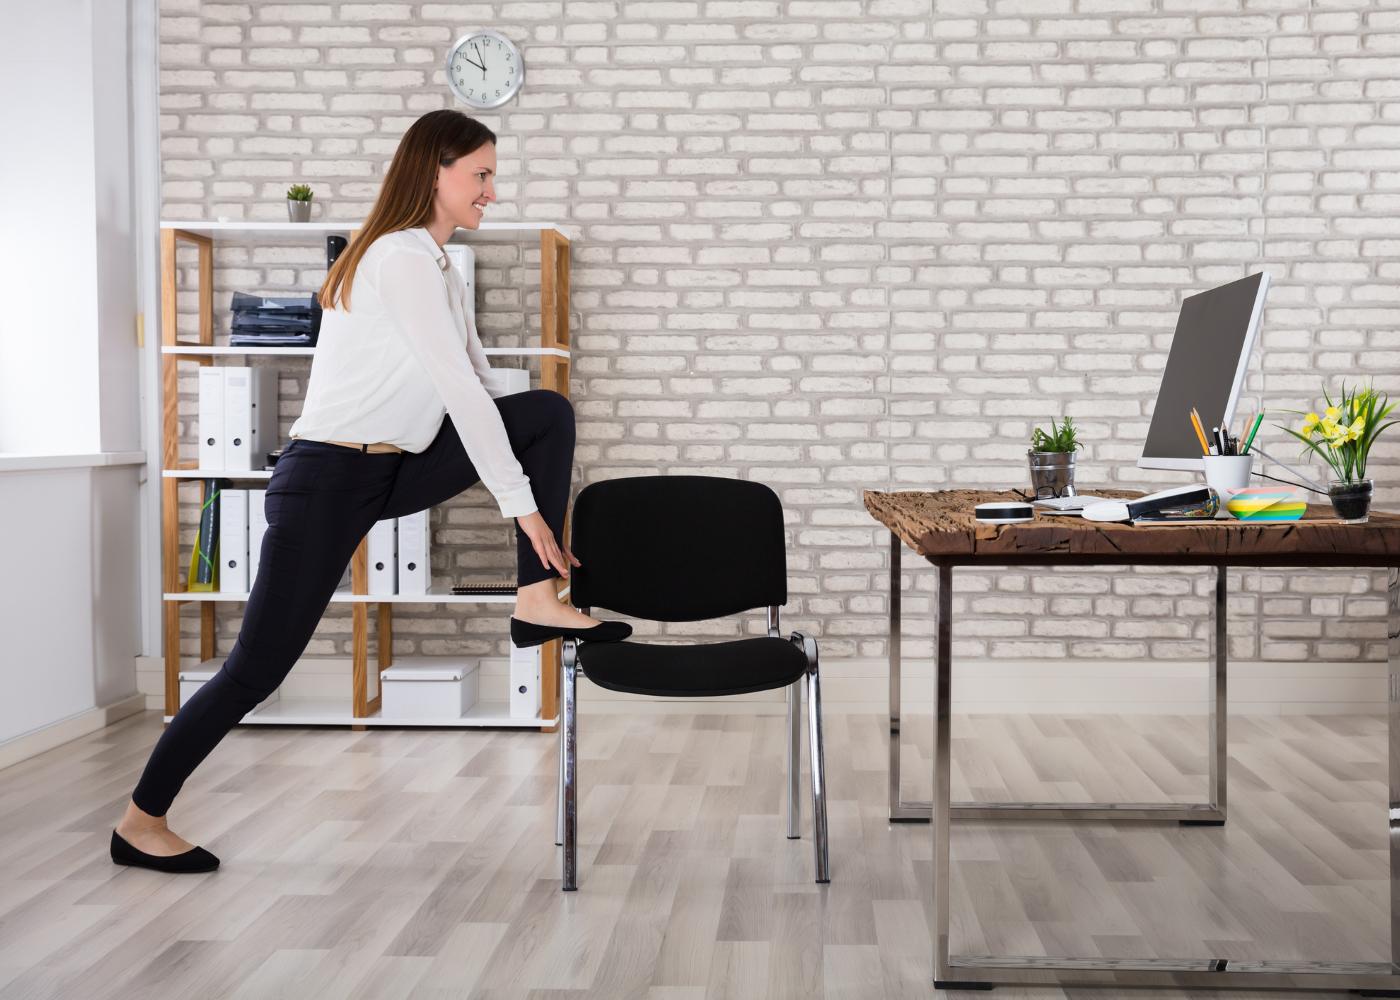 mulher a subir para cadeira no escritório